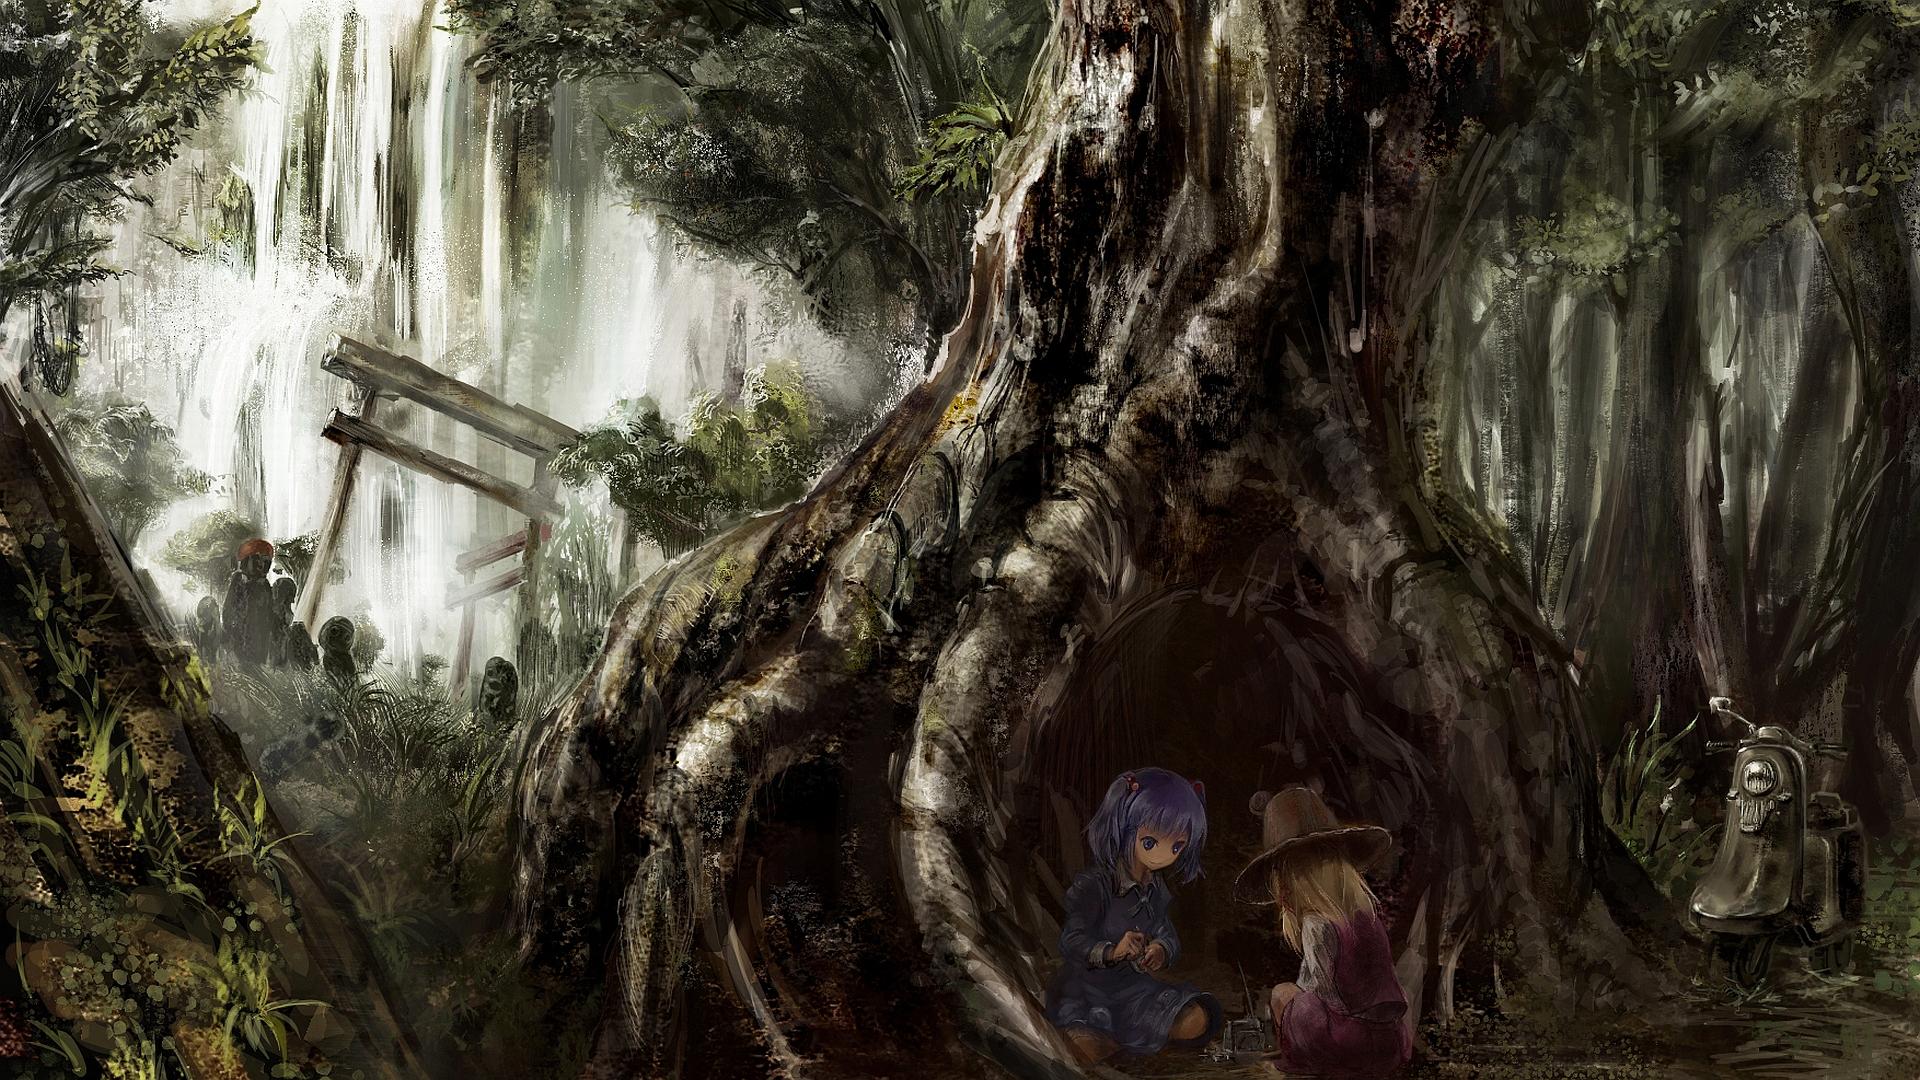 Anime - Touhou  Suwako Moriya Shinki (Touhou) Wallpaper